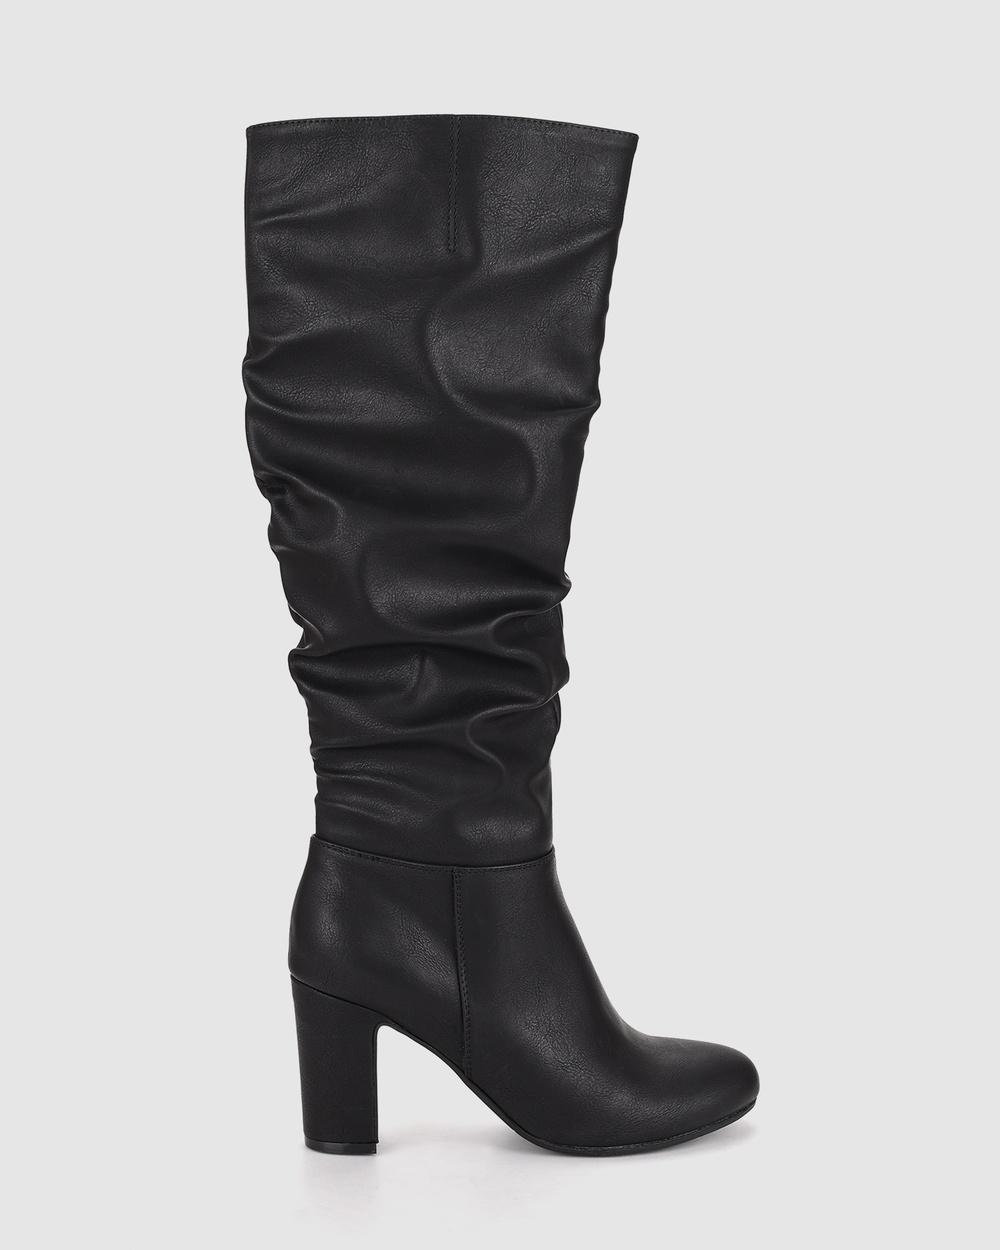 Verali - Zante - Knee-High Boots (Black) Zante